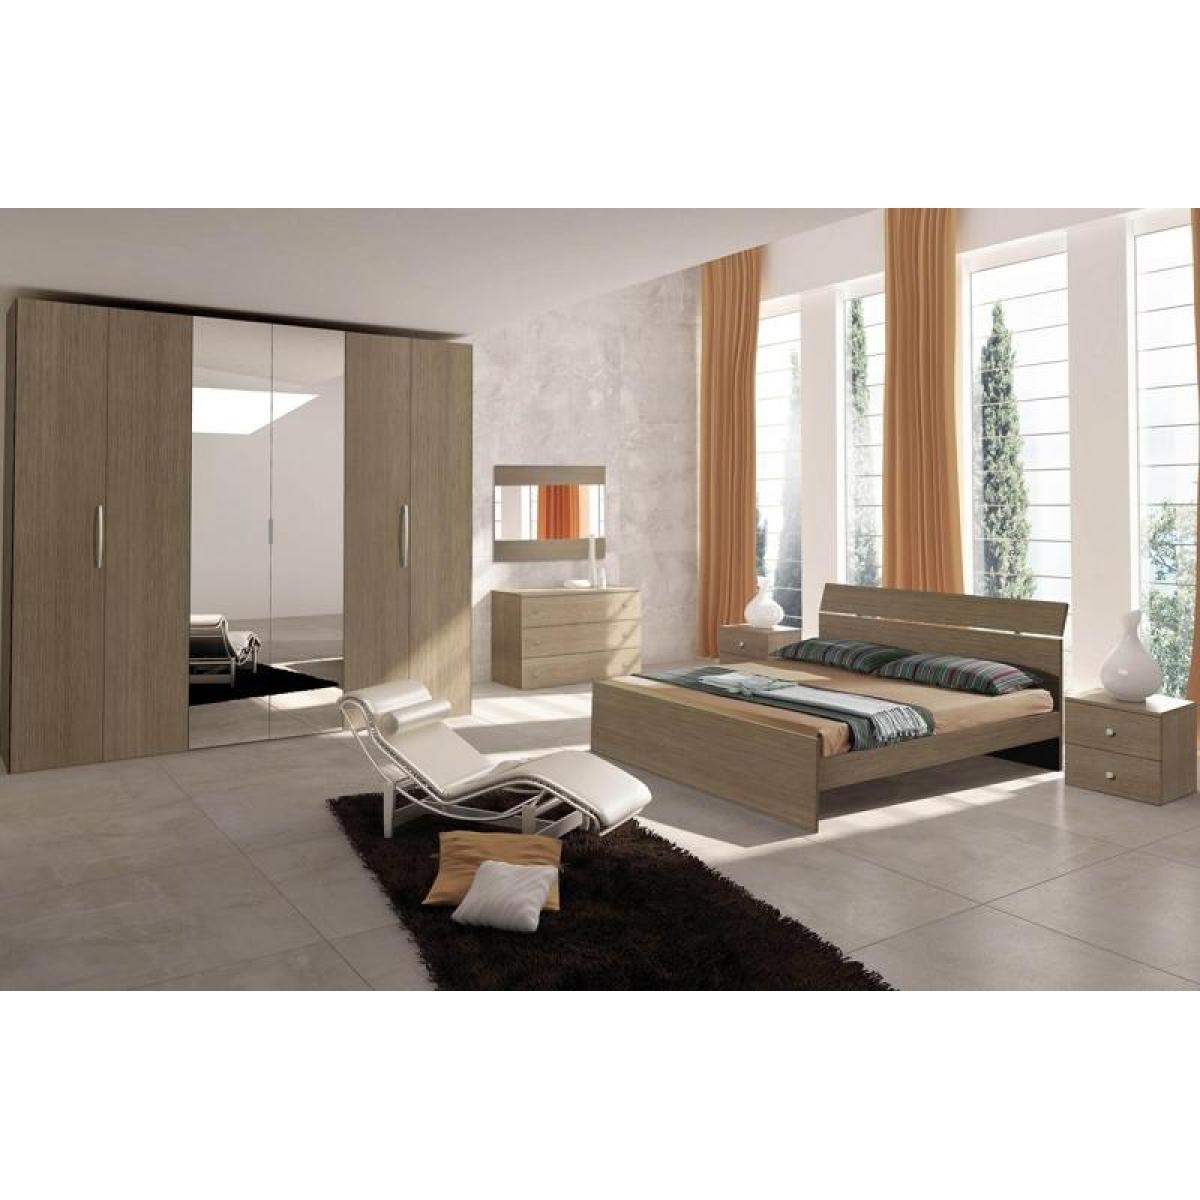 Mobili lavelli specchi per camera da letto moderna - Mobili camera da letto moderna ...